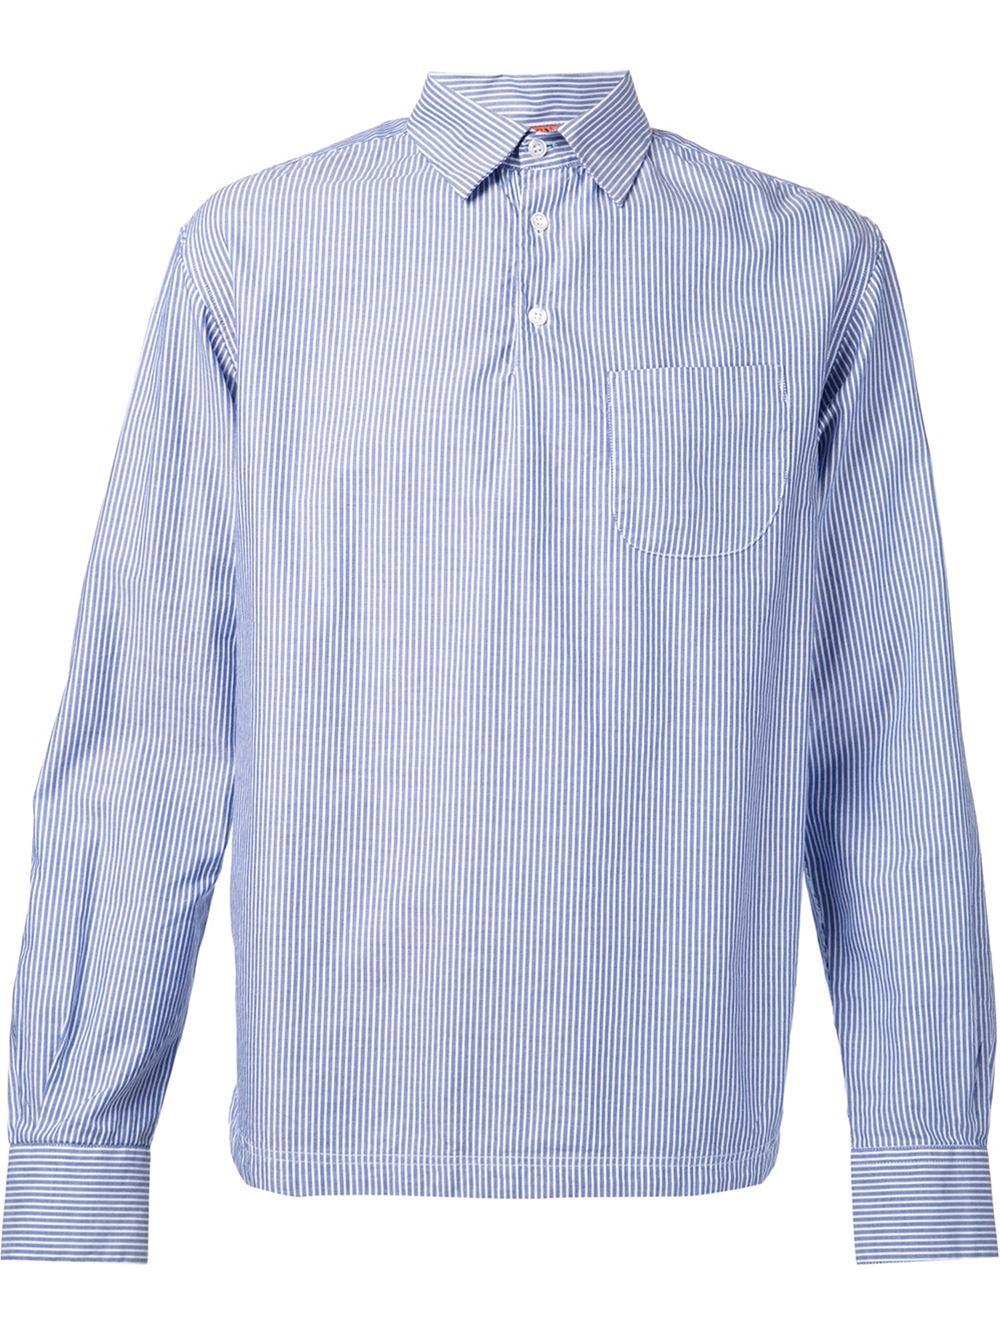 White Long Sleeve Dress Shirt Men